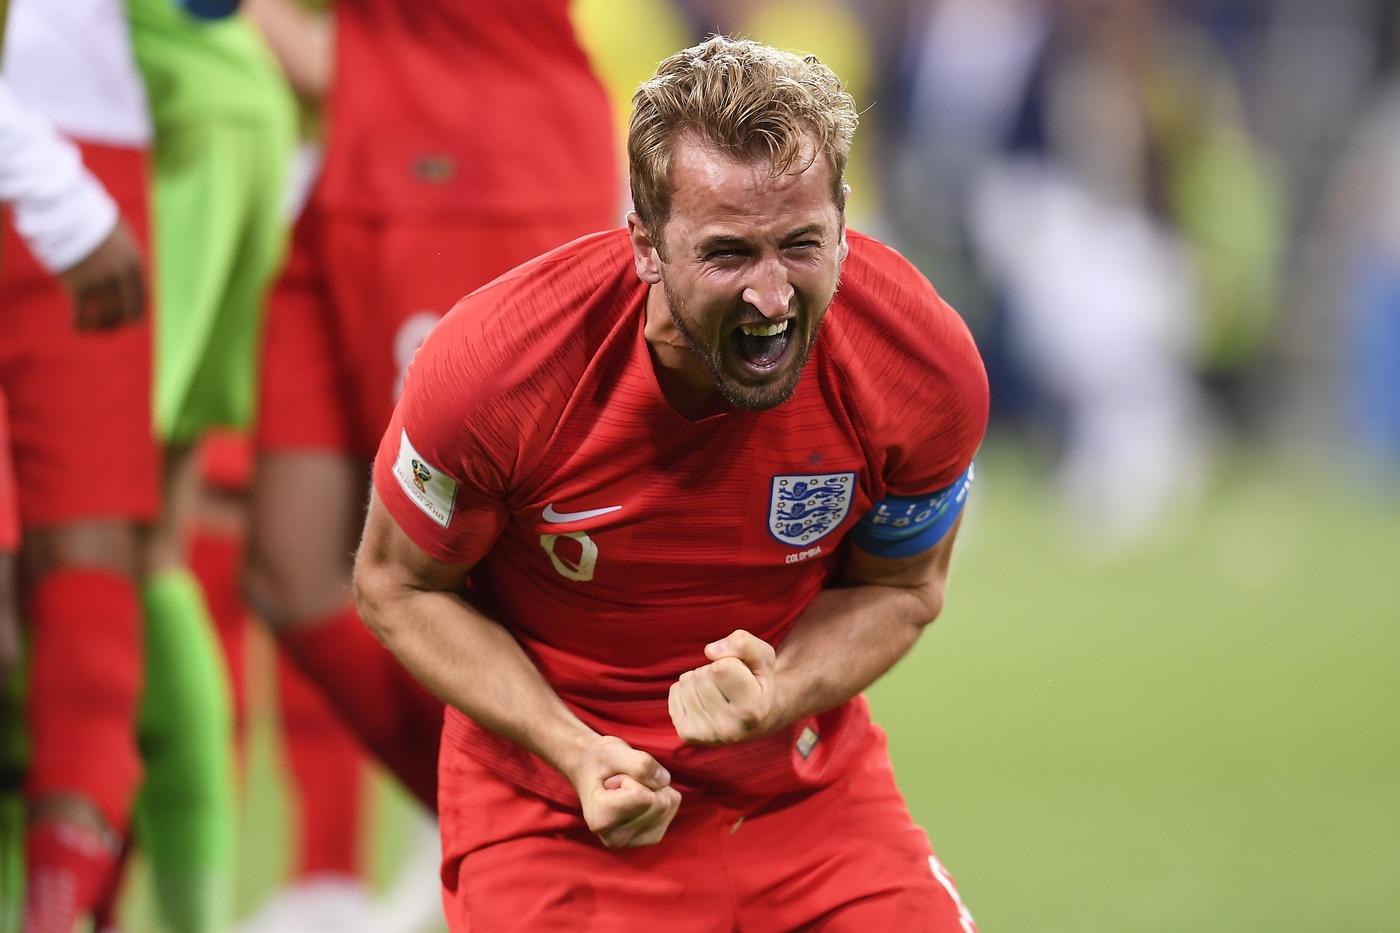 UEFA Nations League, Spagna-Inghilterra 15 ottobre: analisi e pronostico del torneo calcistico biennale tra Nazionali affiliate alla confederazione europea